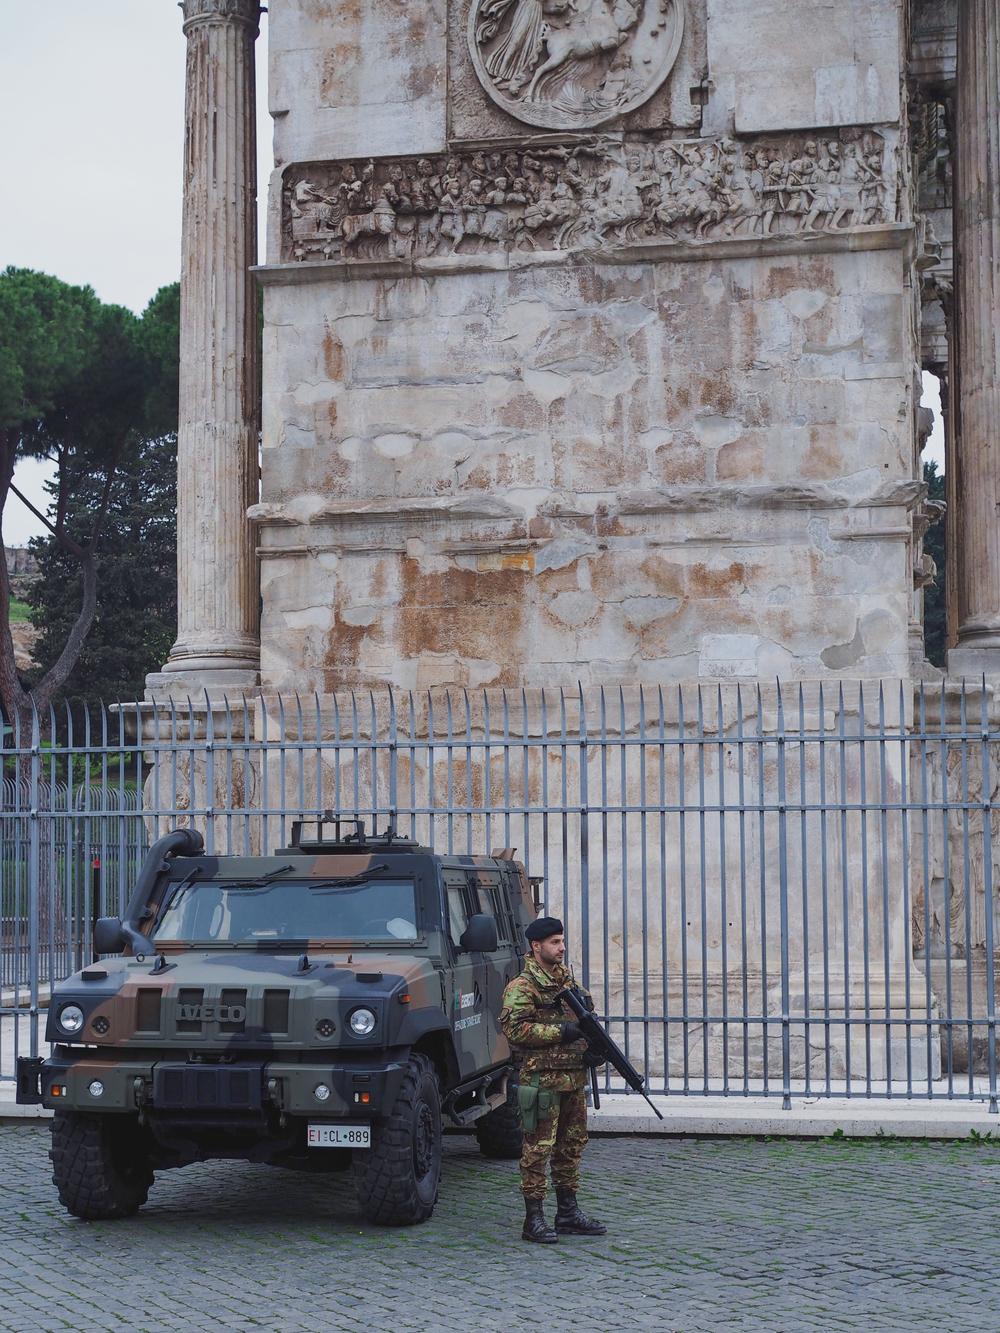 rome-italy-photo-diary-3-07